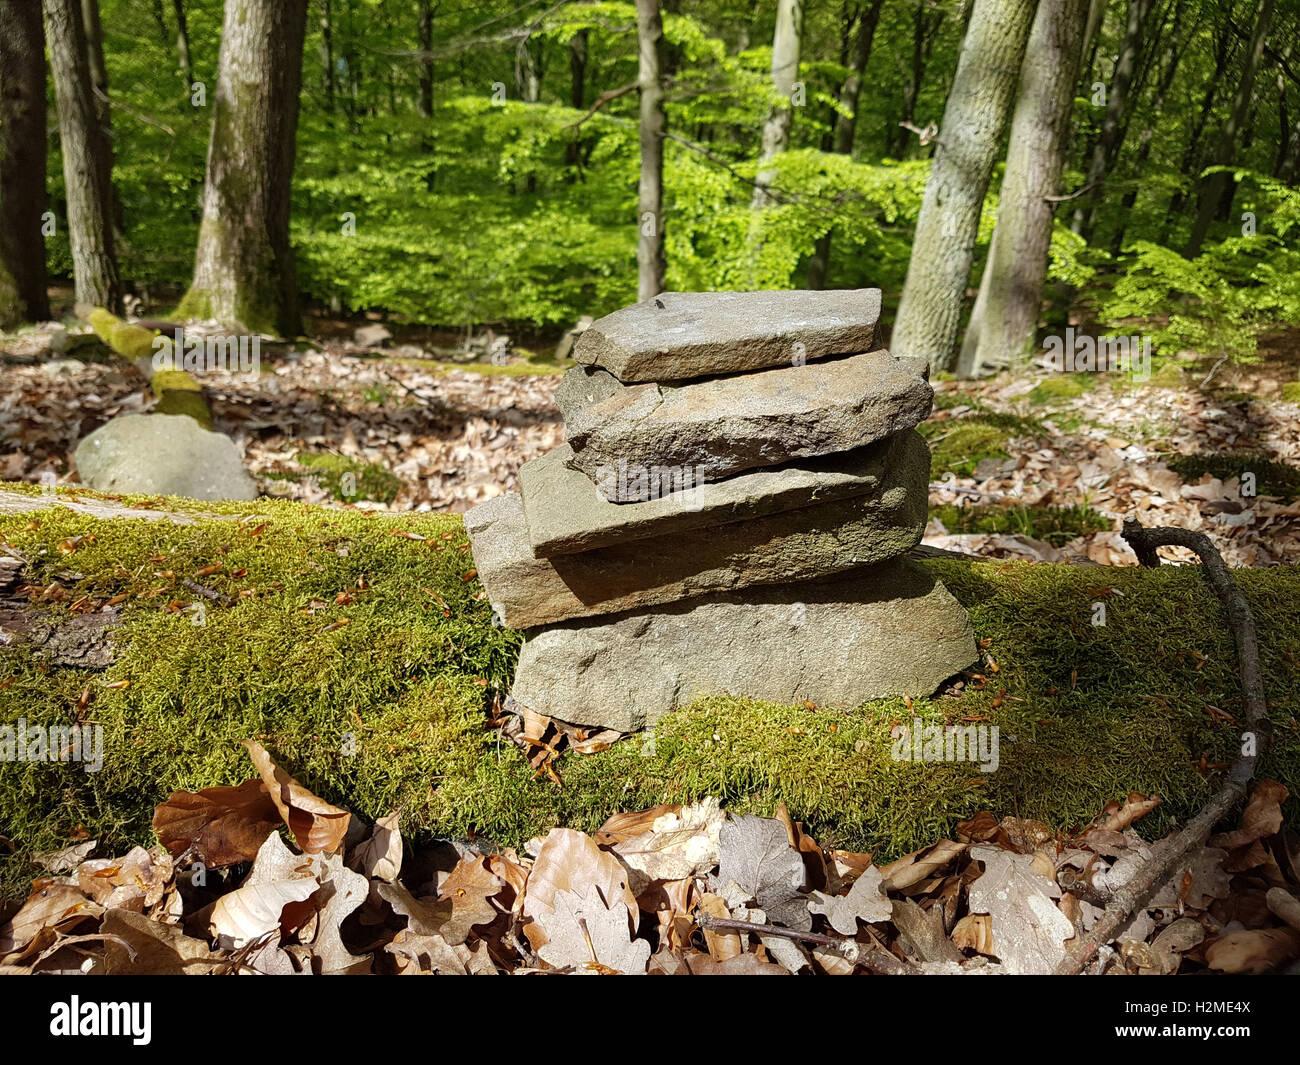 Steinpyramide, Steinkunst, Naturstein, Gestaltung - Stock Image